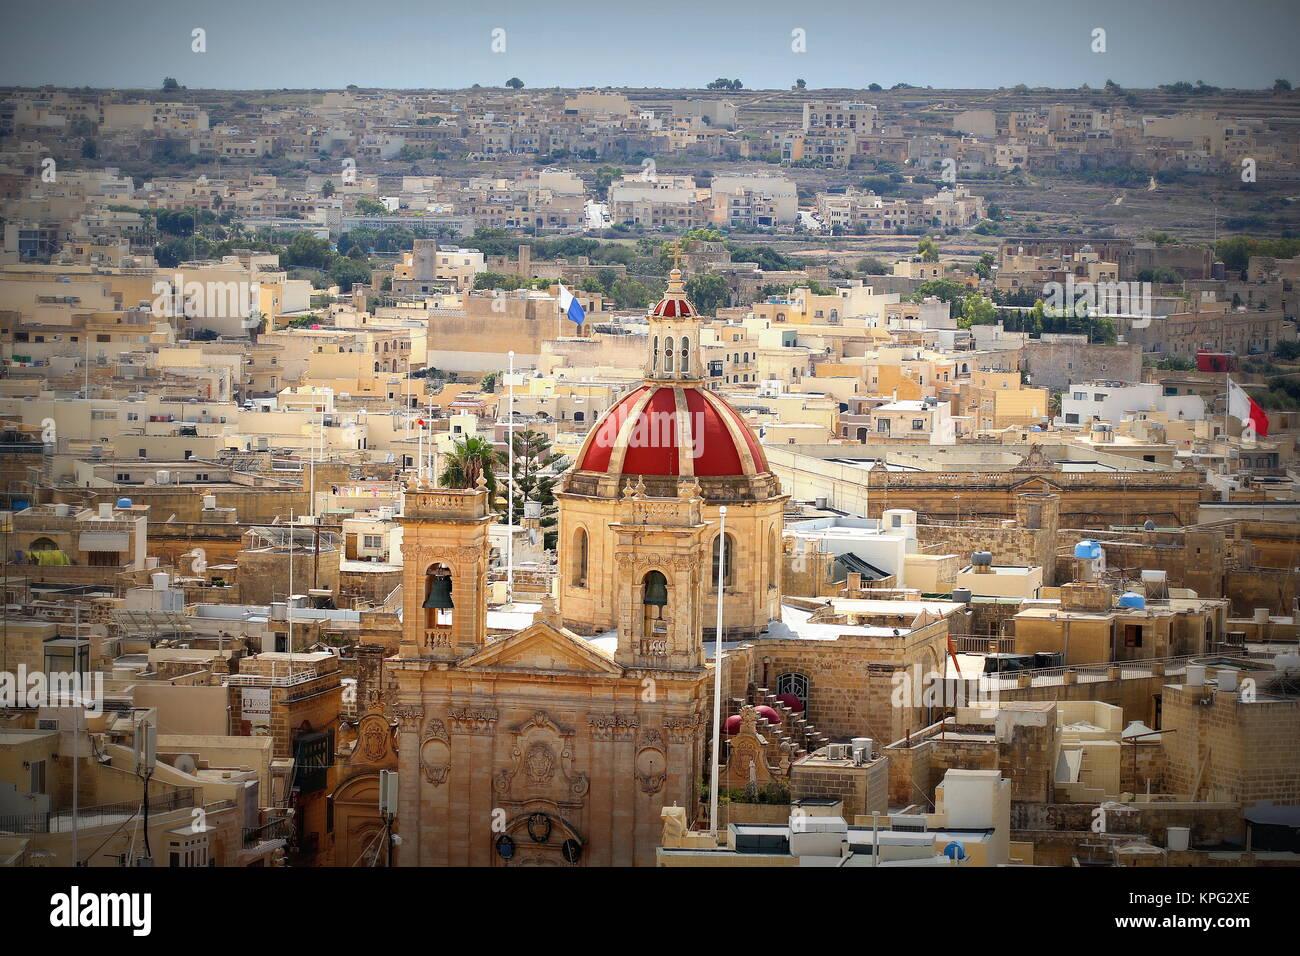 Blick auf die Stadt Victoria oder Rabat auf Gozo, die benachbarte Insel Malta Stockbild